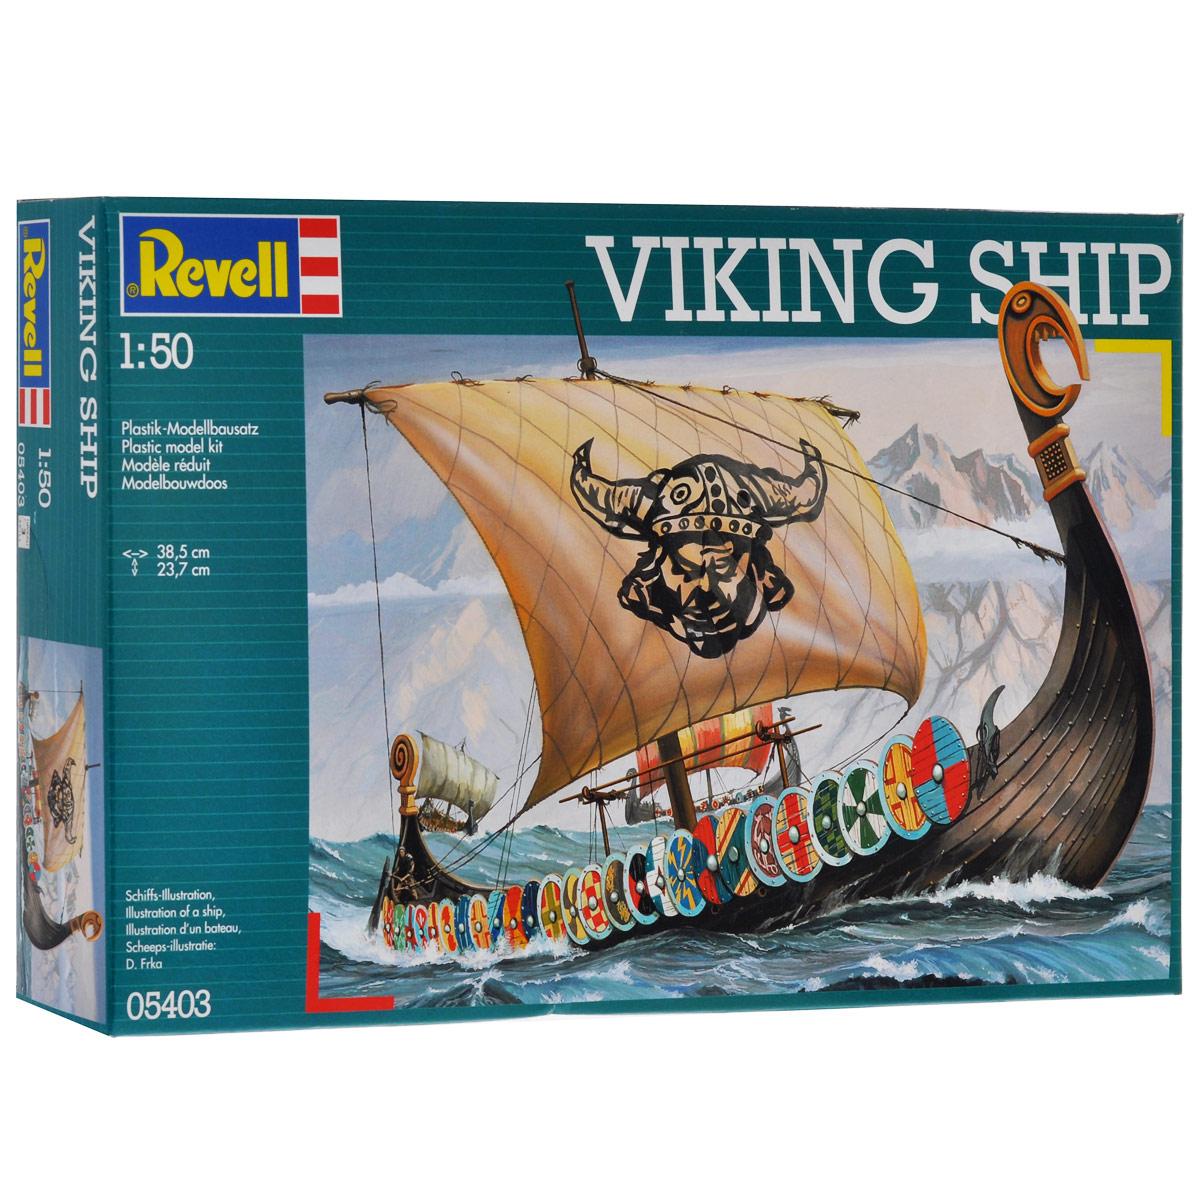 Сборная модель Revell Корабль викингов5403Сборная модель Revell Корабль викингов поможет вам и вашему ребенку придумать увлекательное занятие на долгое время. Набор включает в себя 131 пластиковый элемент, из которых можно собрать уменьшенную копию корабля викингов. Корабль гордых викингов уже в пути! Парус поднят, весла готовы, щиты размещены вдоль бортов, чтобы защитить гребцов от вражеских стрел, хищная птица на носу корабля внимательно смотрит на воду. Также в наборе схематичная инструкция по сборке. Процесс сборки развивает интеллектуальные и инструментальные способности, воображение и конструктивное мышление, а также прививает практические навыки работы со схемами и чертежами. Уровень сложности: 3. УВАЖАЕМЫЕ КЛИЕНТЫ! Обращаем ваше внимание на тот факт, что элементы для сборки не покрашены. Клей и краски в комплект не входят.